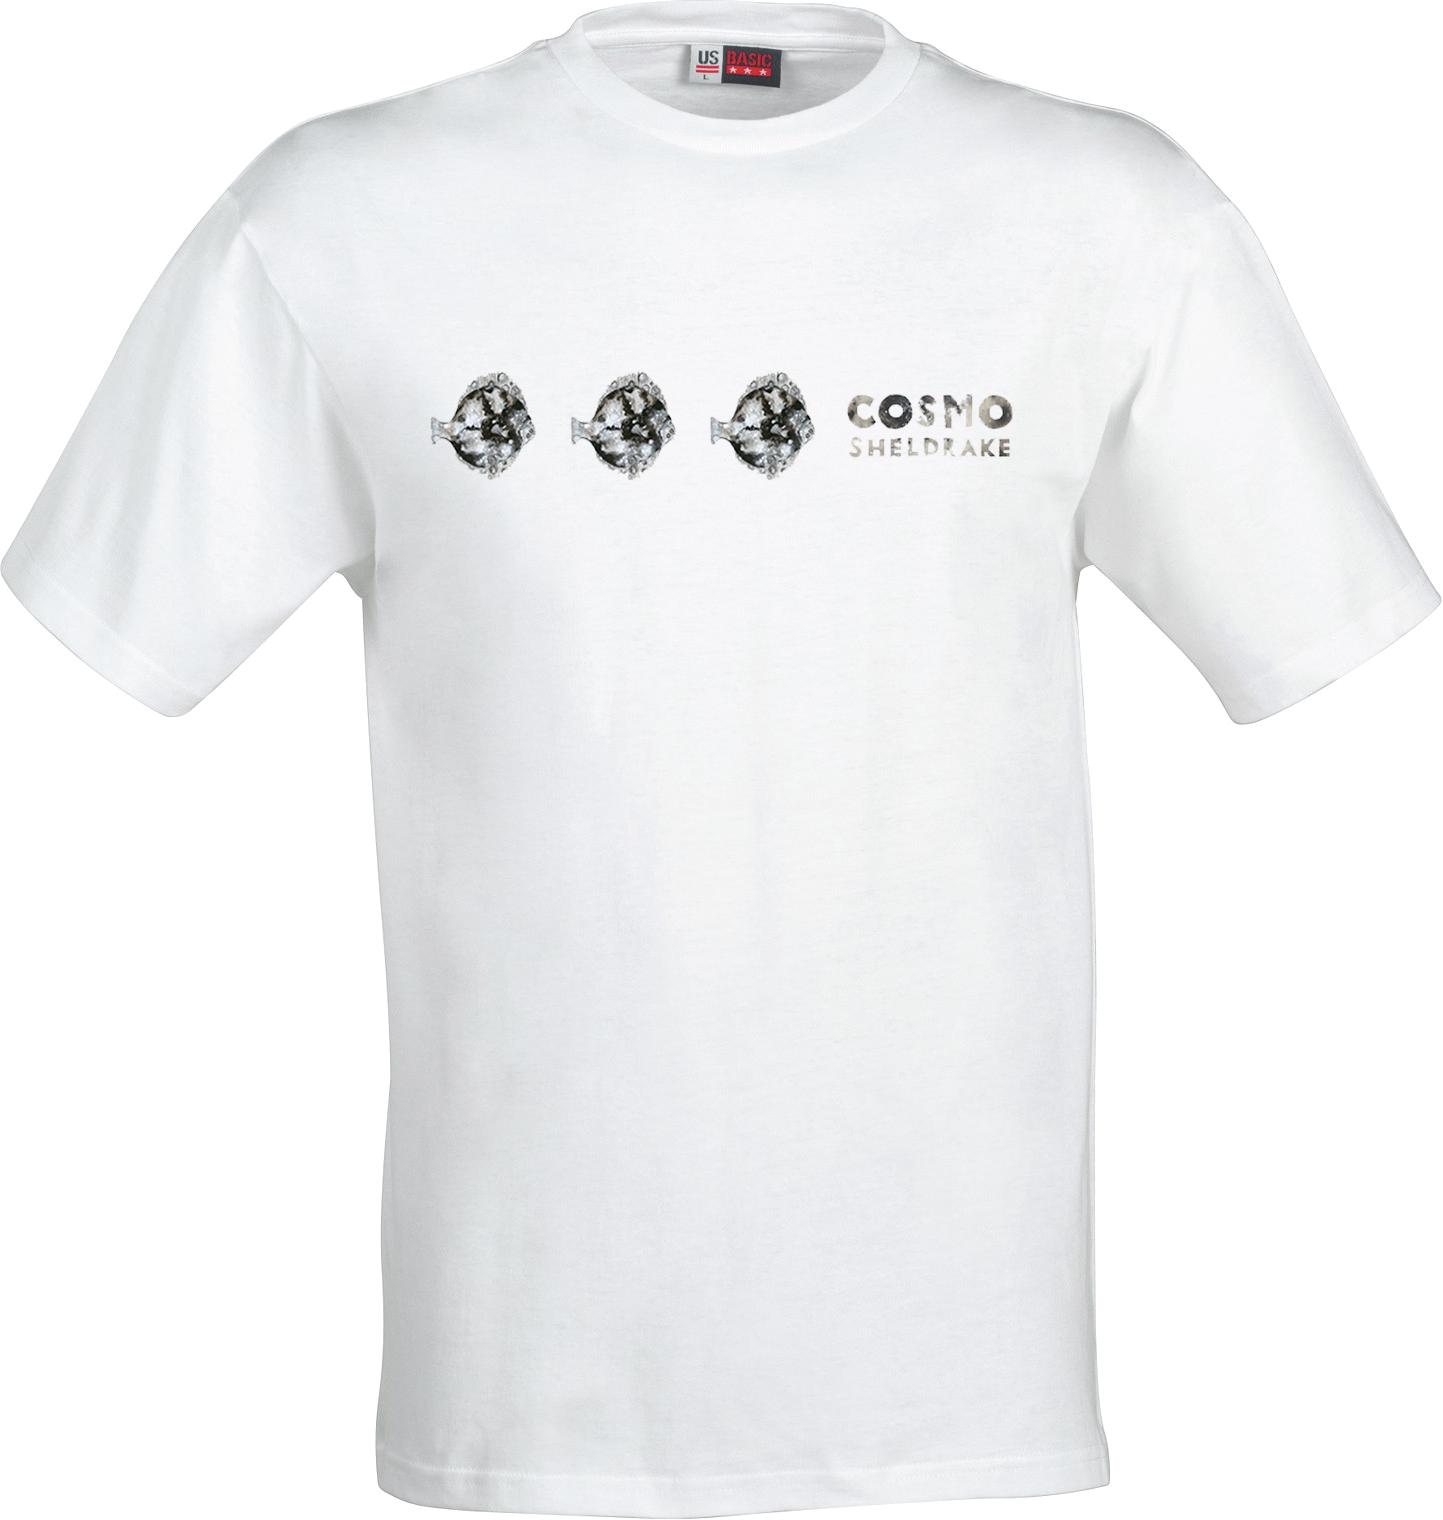 Small Print Fish Shirt - cosmosheldrake